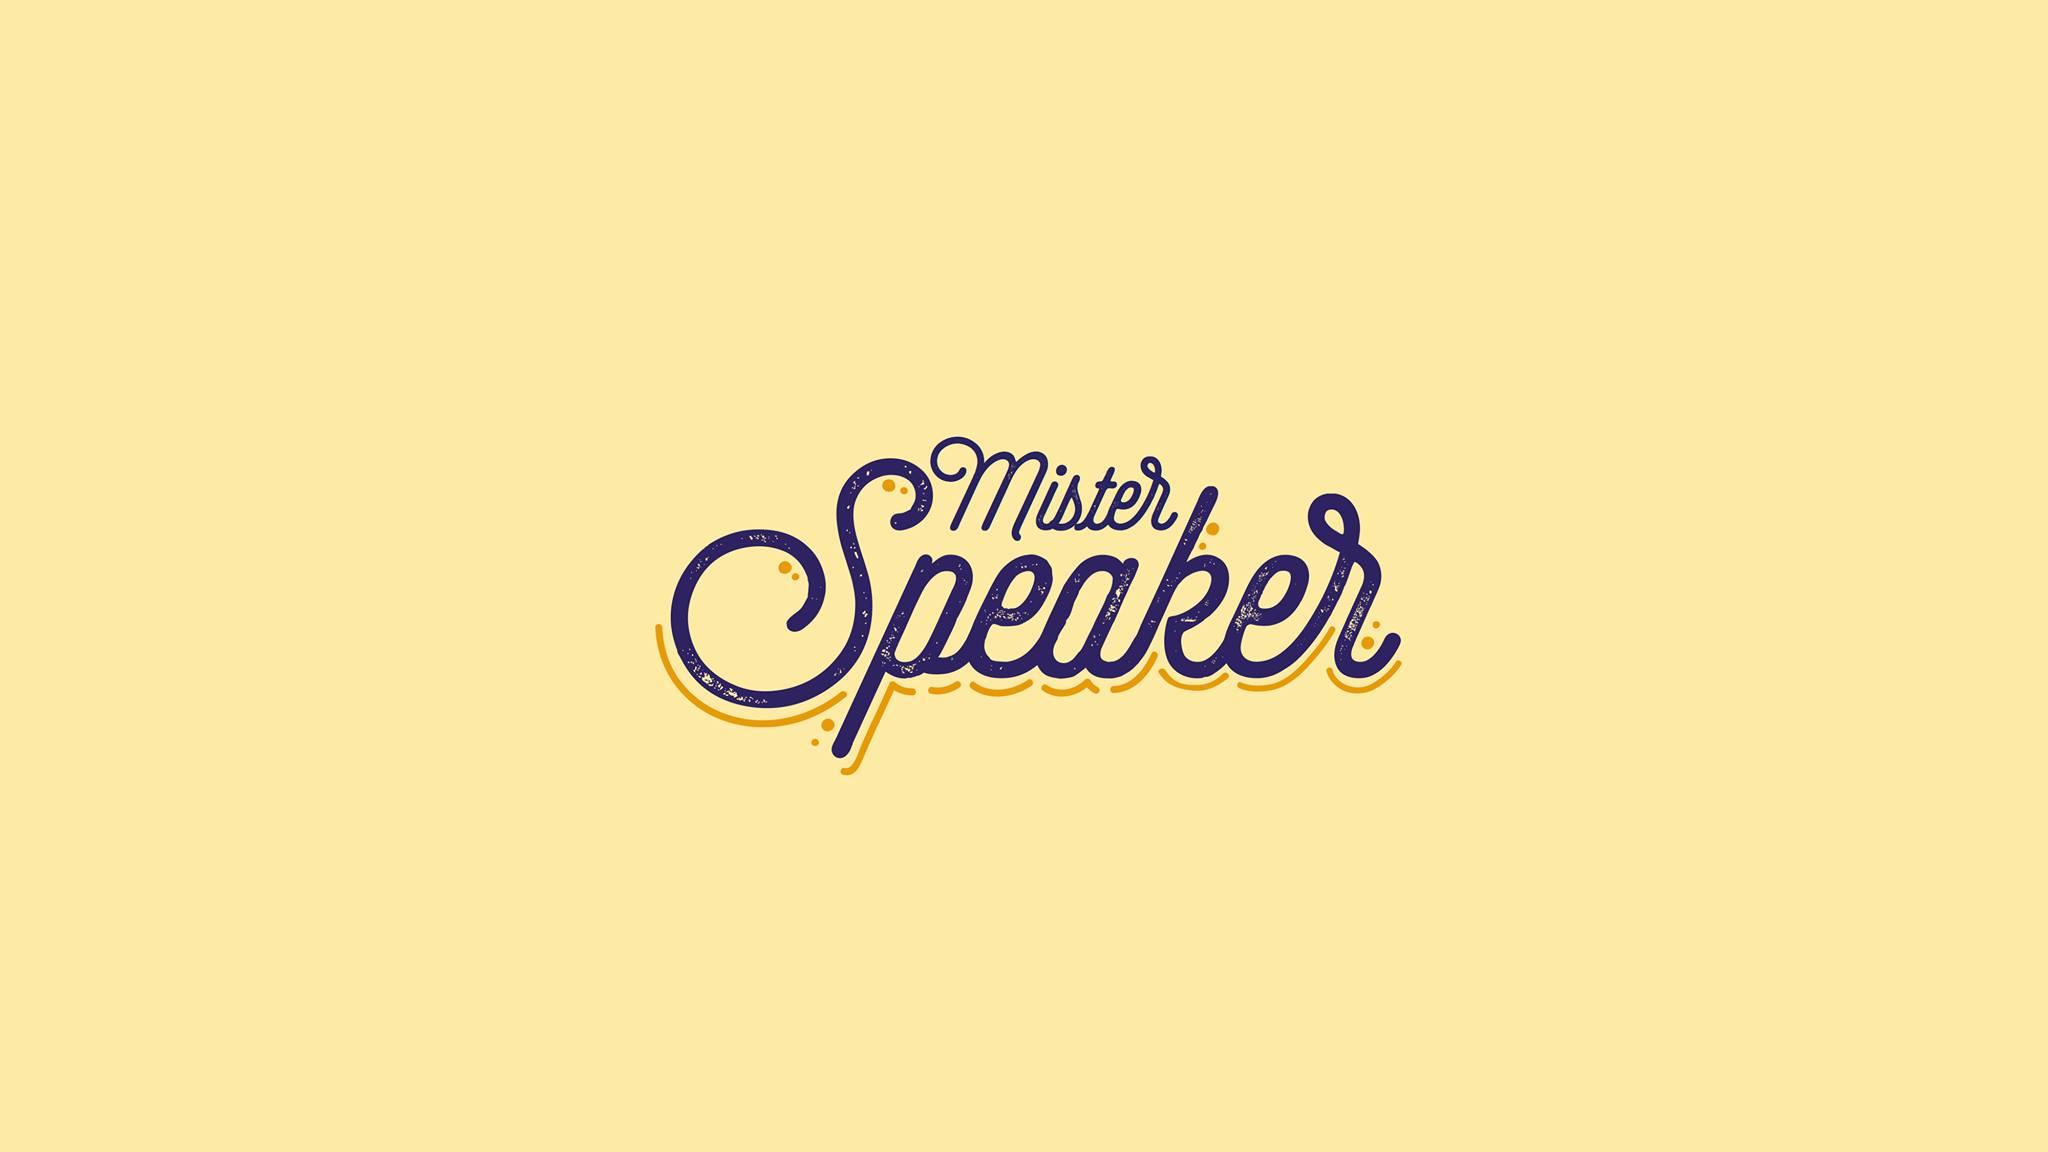 Mister Speaker